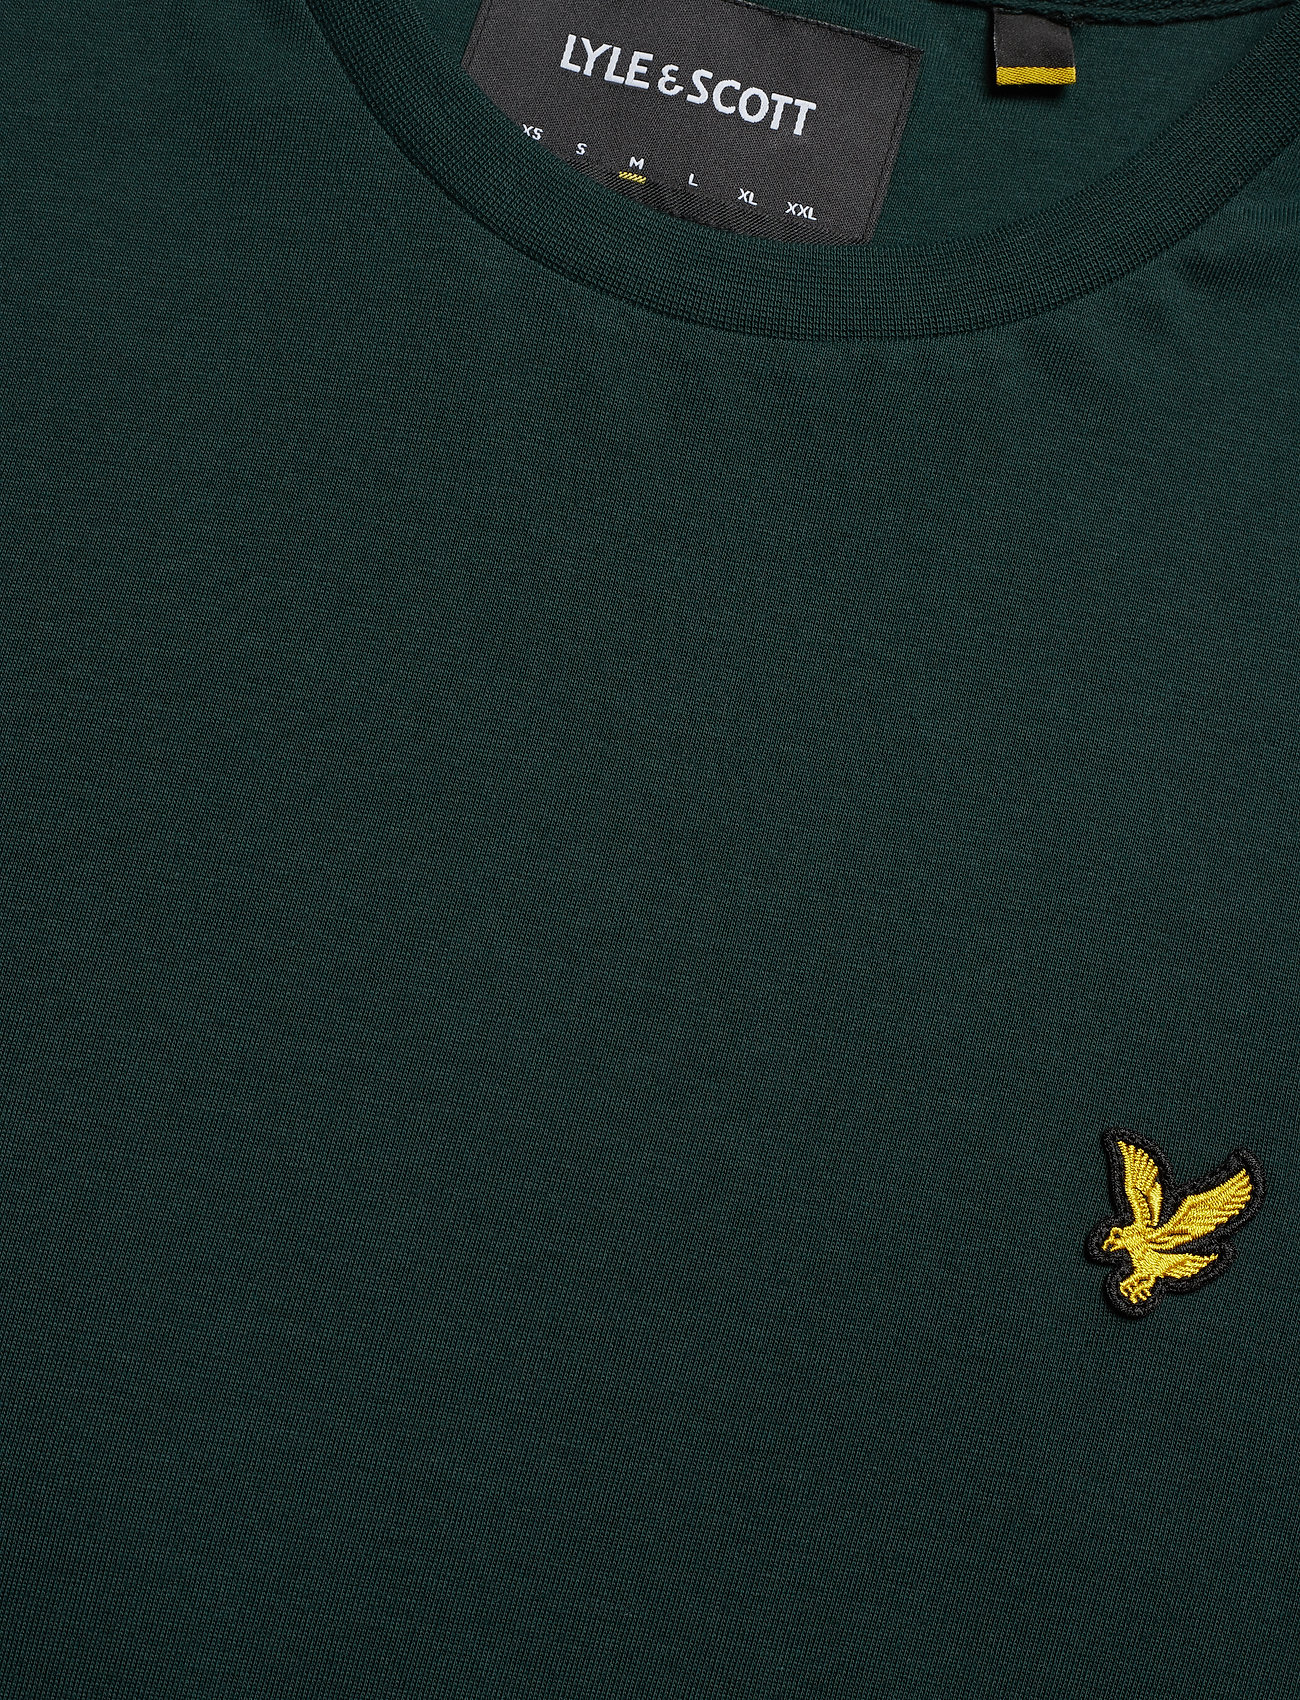 Lyle & Scott LS Crew Neck T-shirt - T-skjorter JADE GREEN - Menn Klær